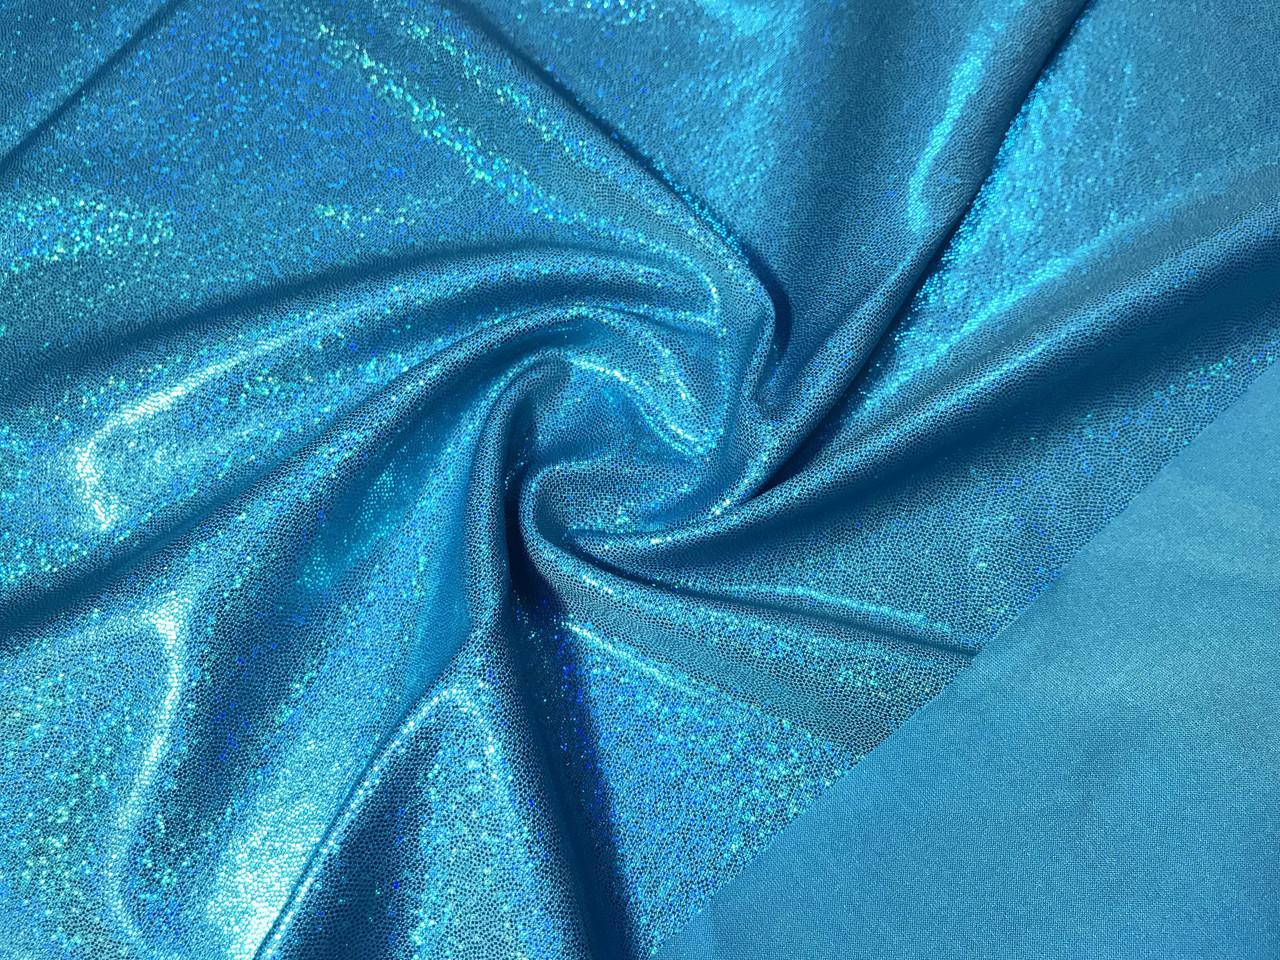 Трикотаж масло нарядное мелкая голограмма радужная, бирюзово-голубой